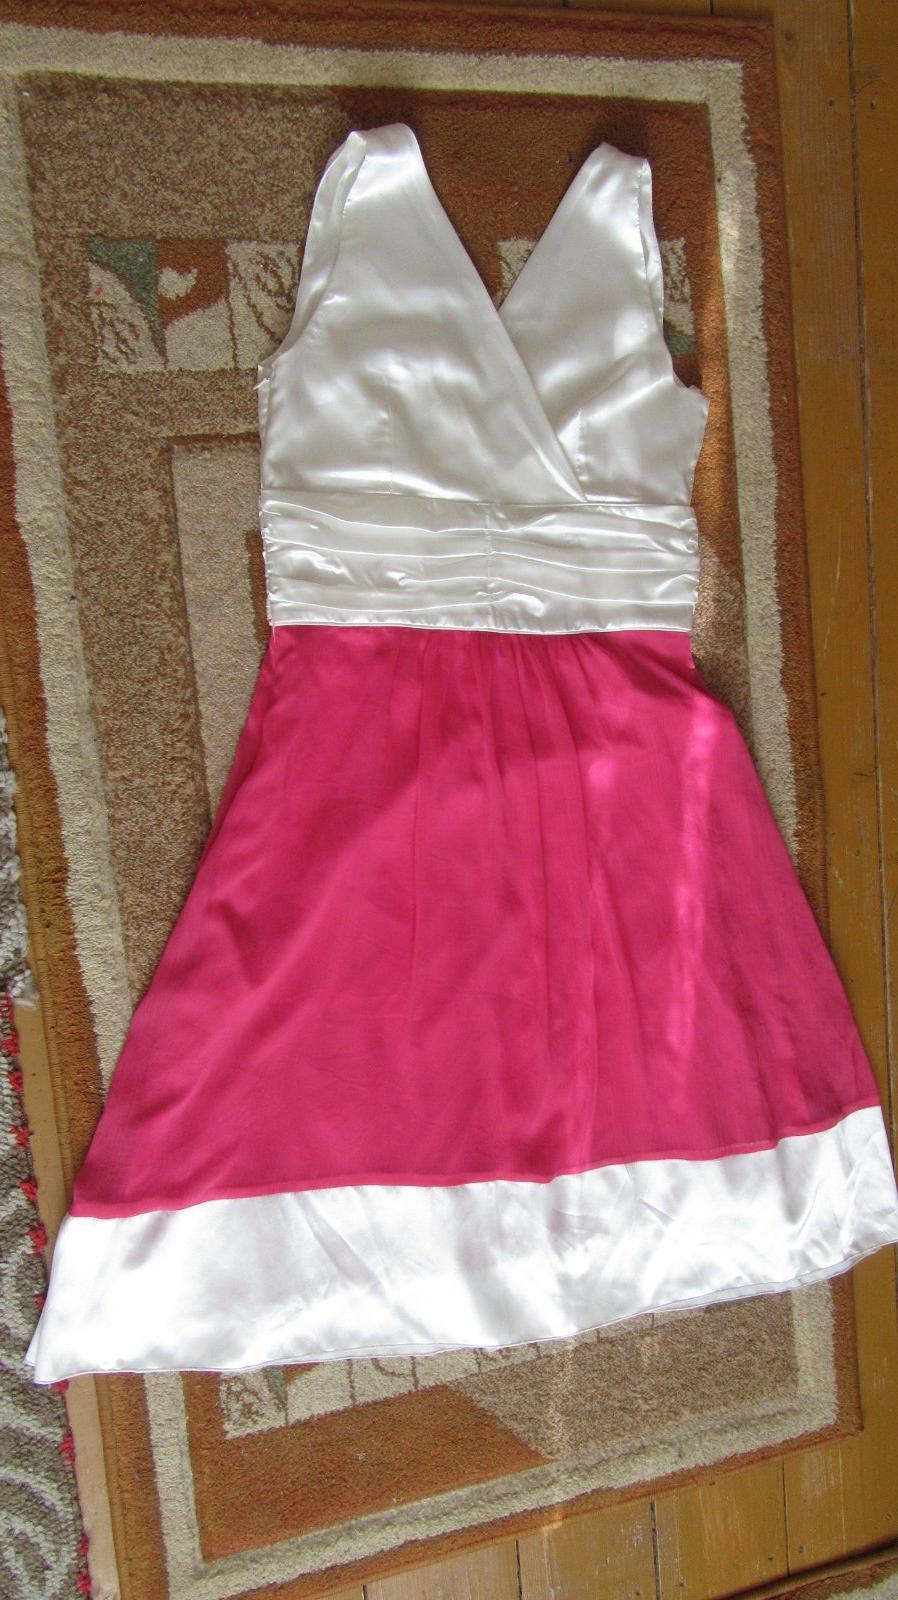 ce34e6c08 Smotanovo ružové šaty, s - 15 €   Svadobný bazár   Mojasvadba.sk